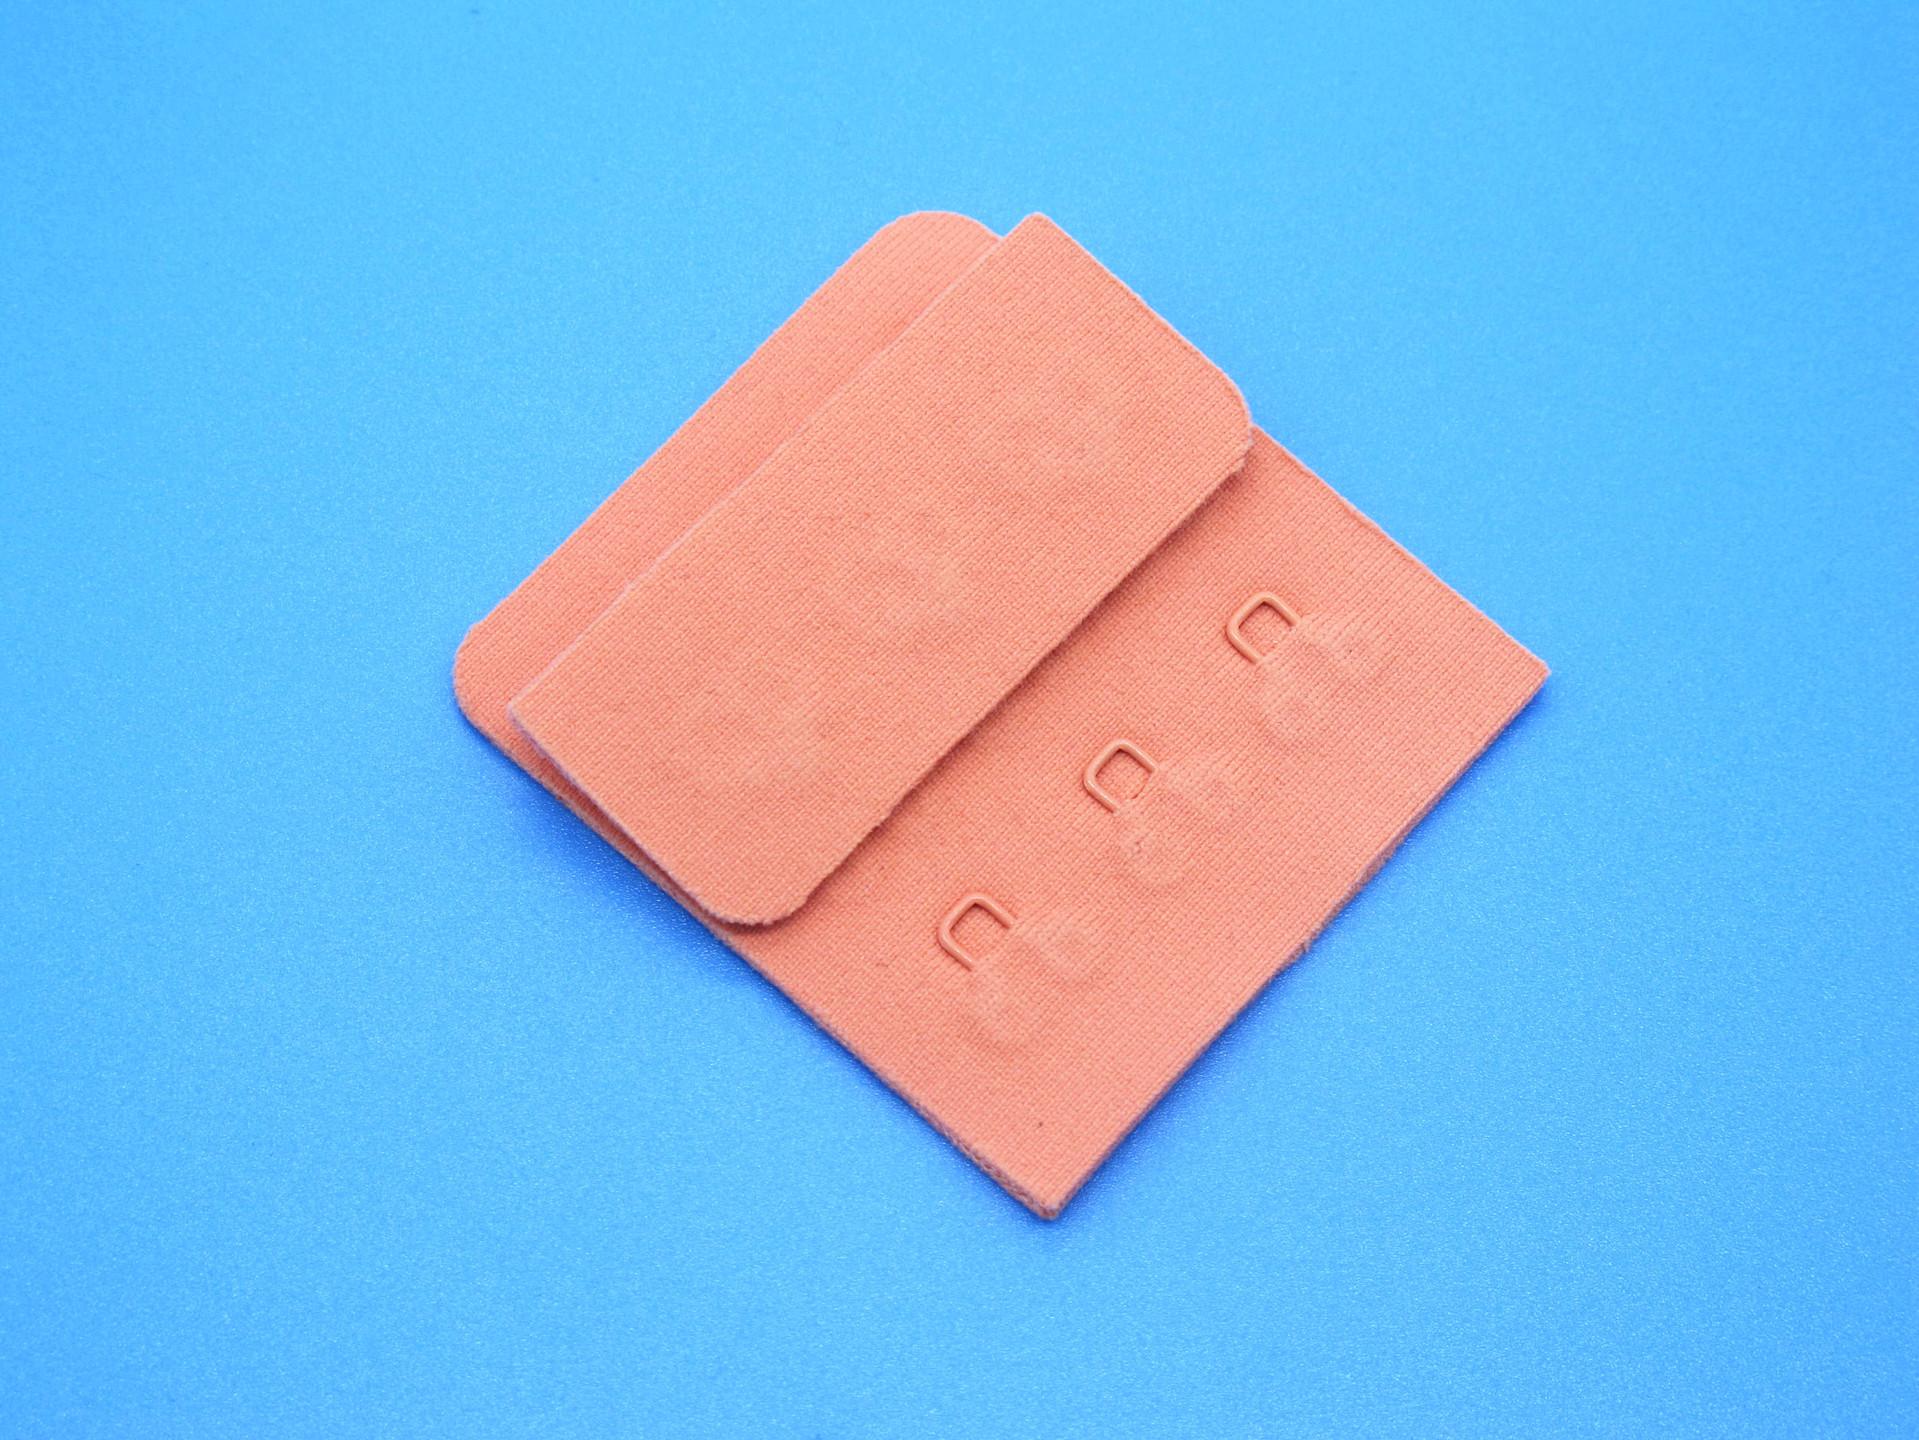 盐步工厂生产运动文胸内衣正反面隐形调节三排三扣后背扣